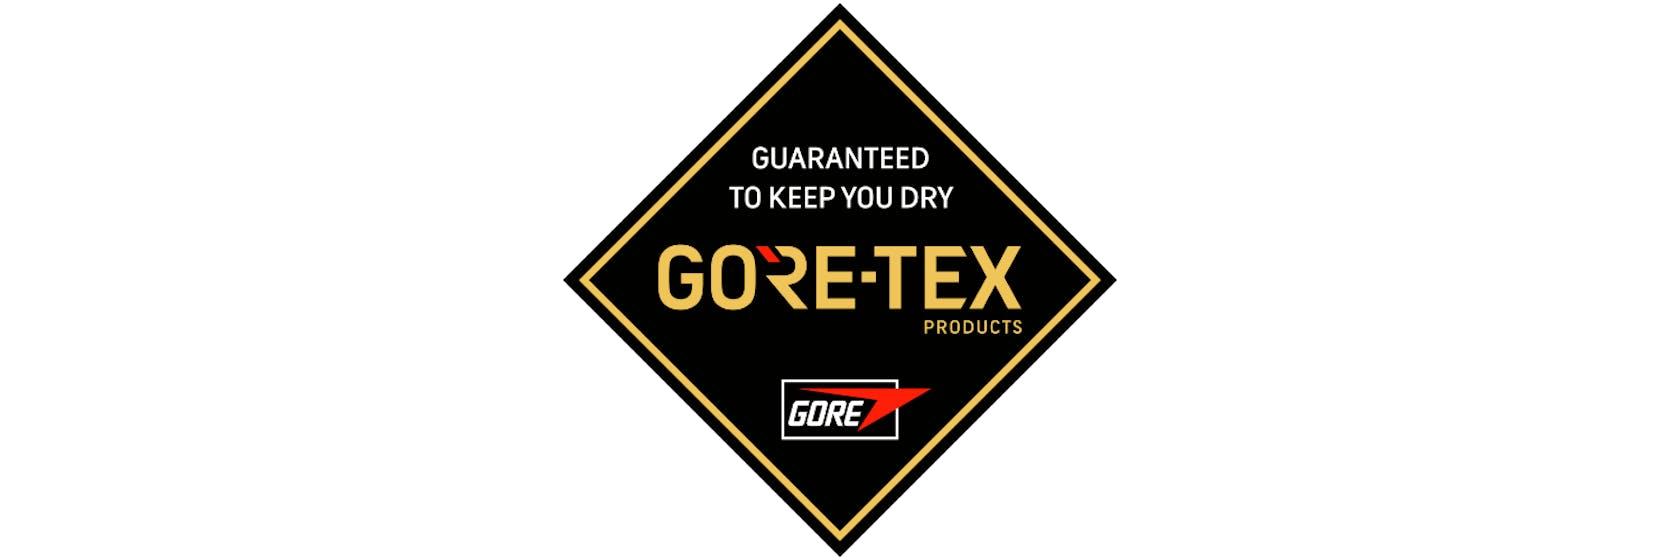 GORE-TEX ORIGINAL™